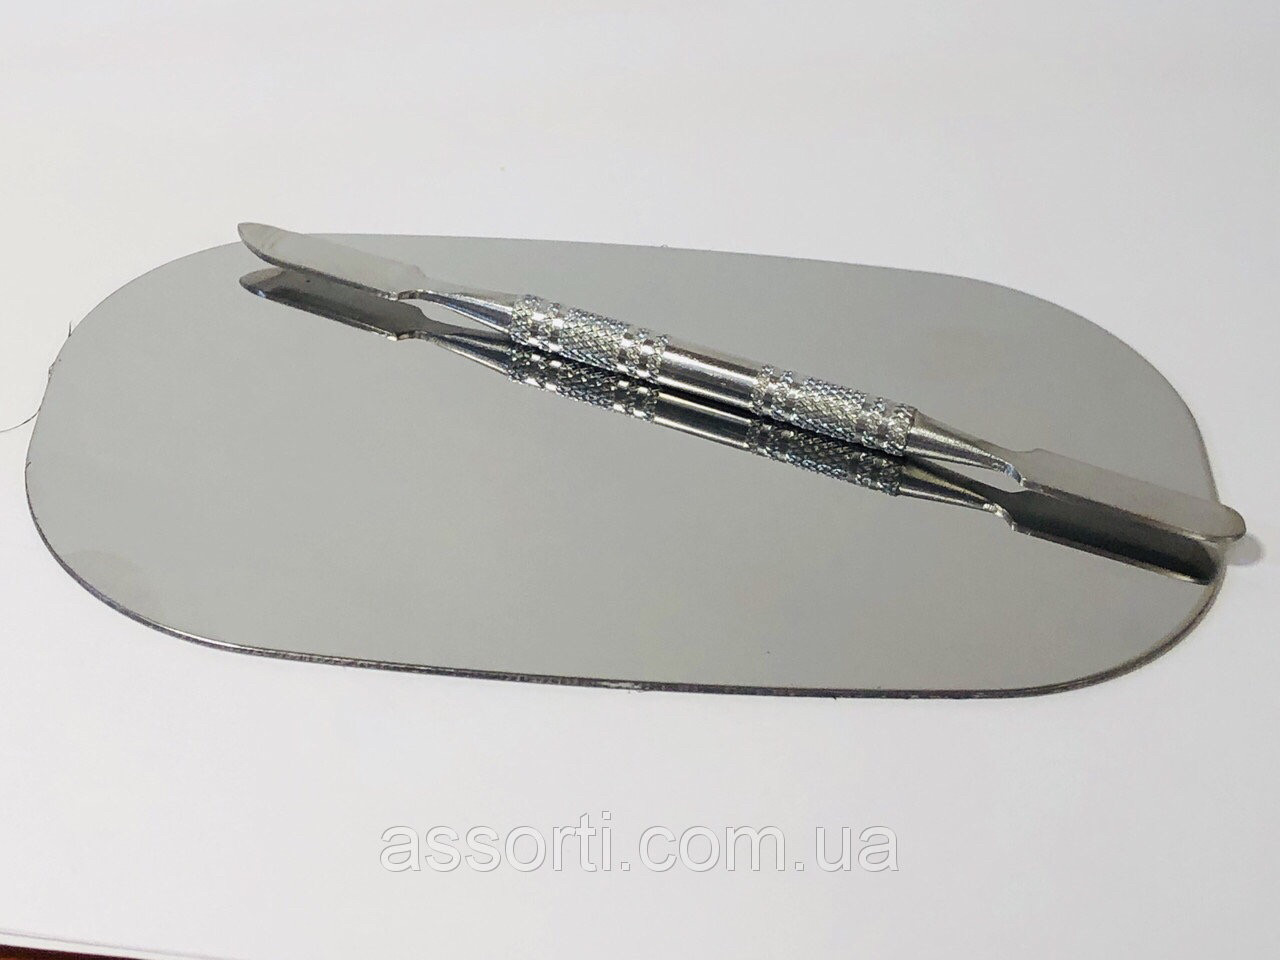 Металлическая палитра + шпатель, набор в силиконовом чехле